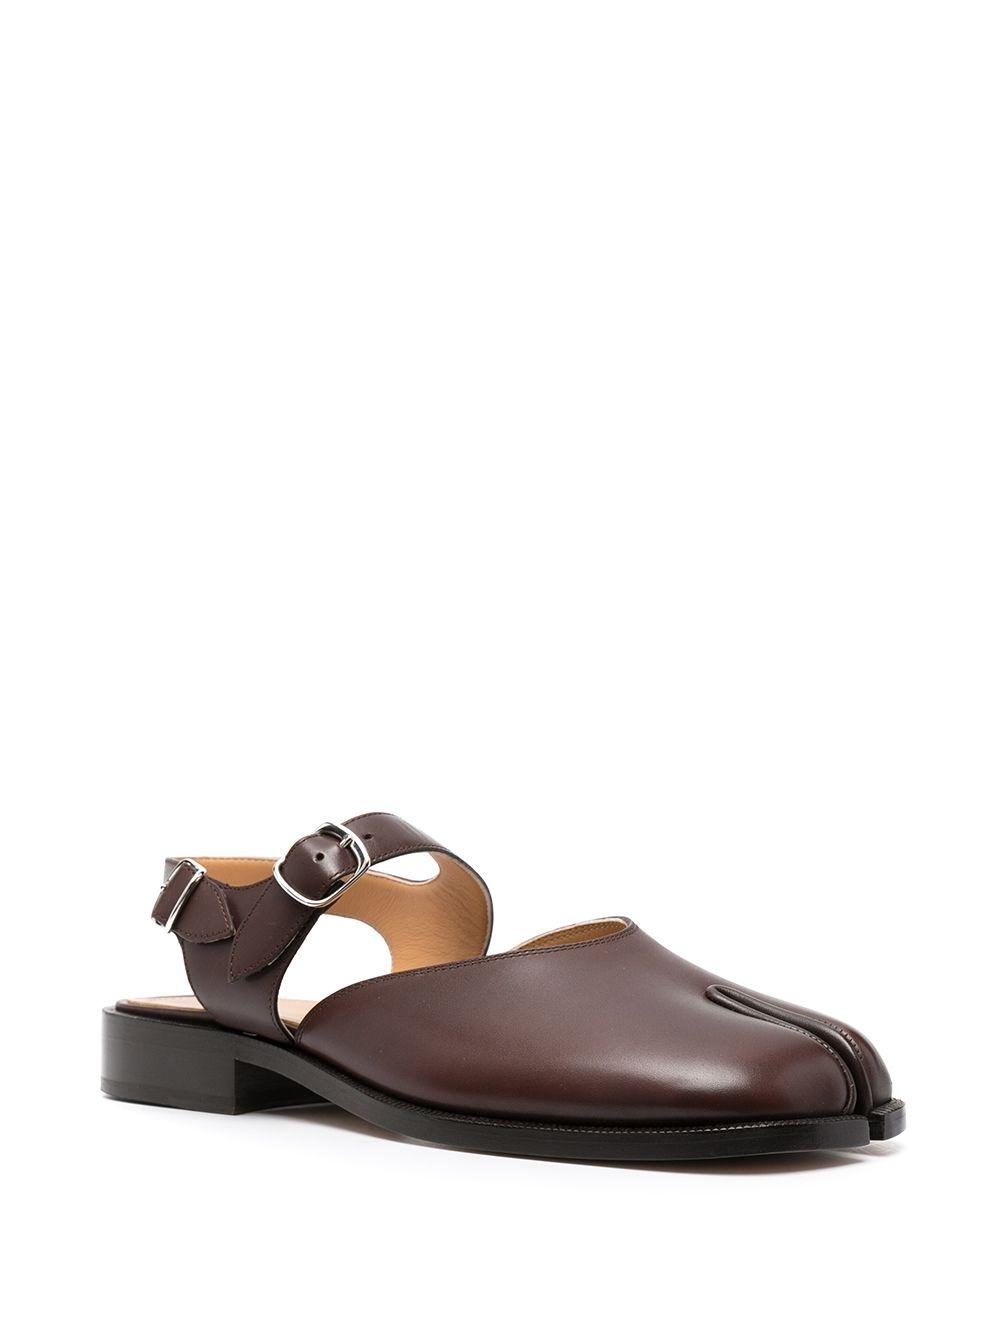 TABI LEATHER PUMPS MAISON MARGIELA | Sandals | S57WP0082 P3292H8559